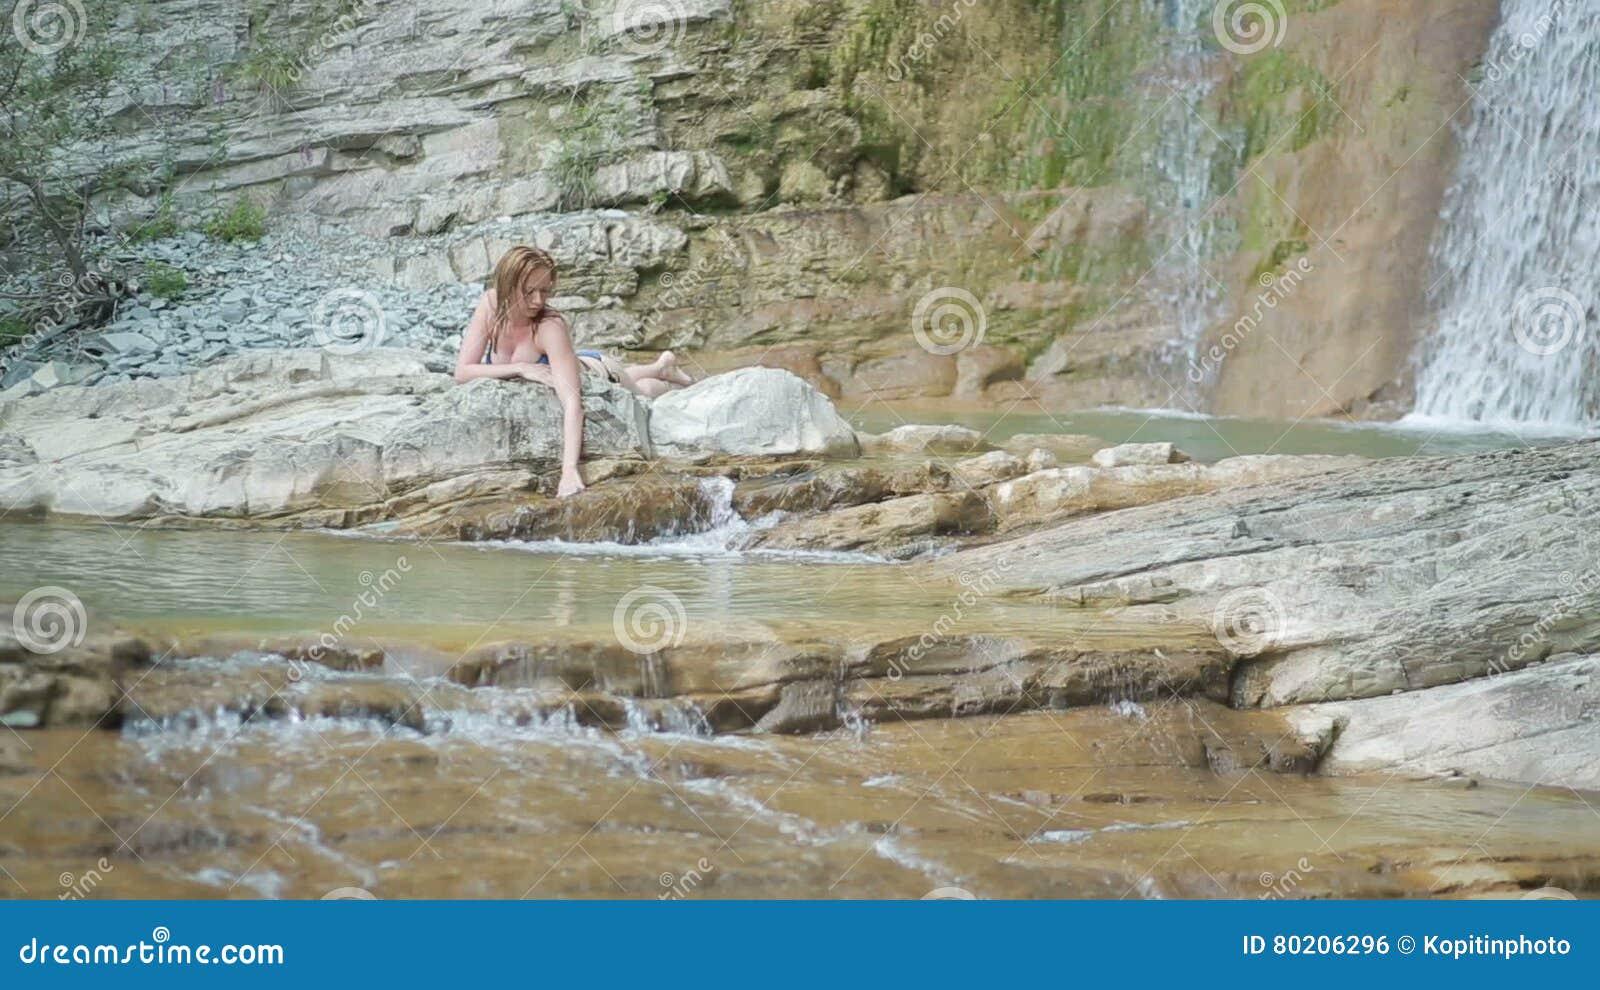 Girl With Bikini Taking A Shower In Waterfall Stock Footage